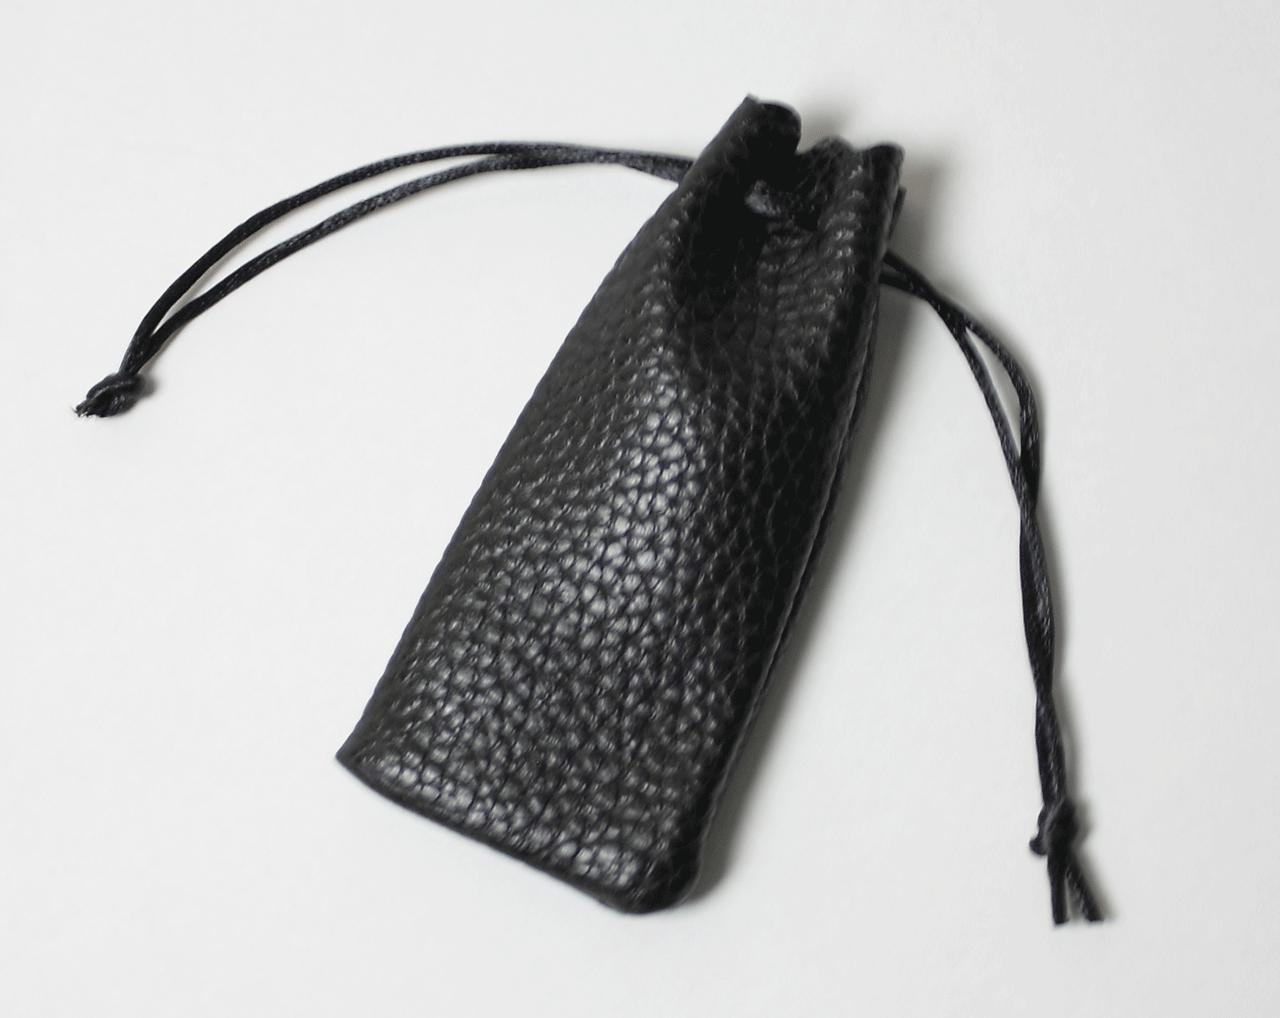 法人銀行印 オランダ水牛(寸胴) 18.0mm